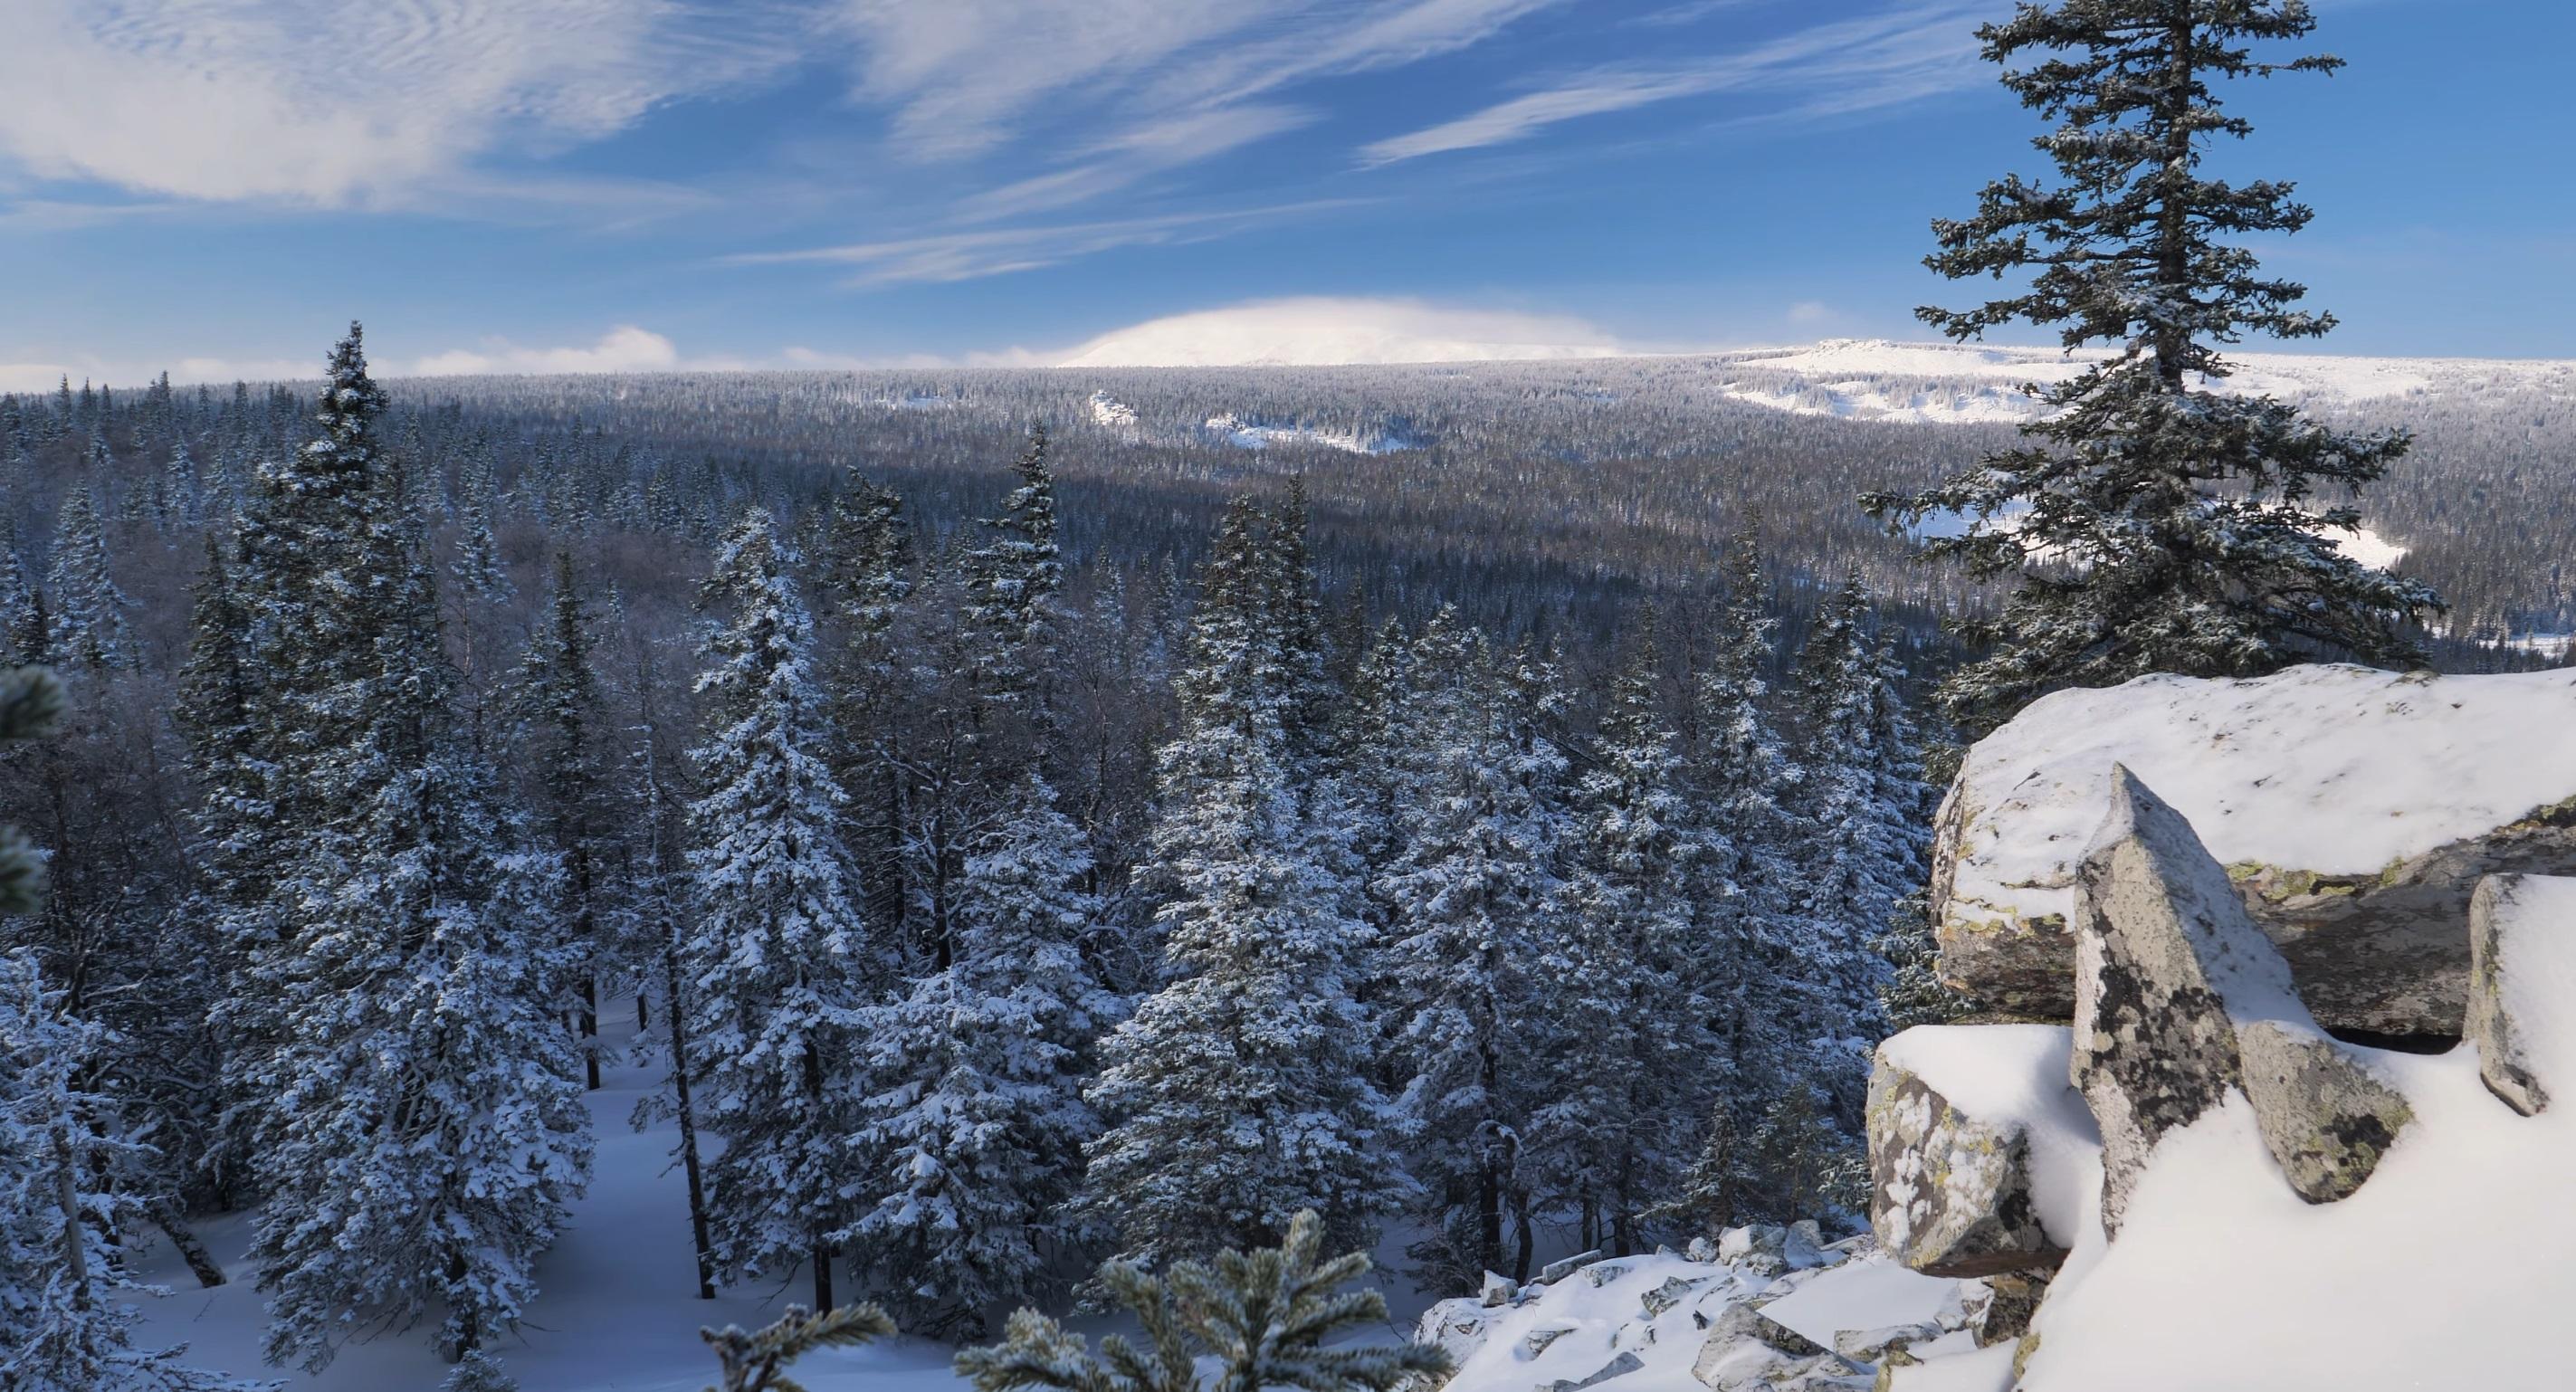 Beauty Of Winter